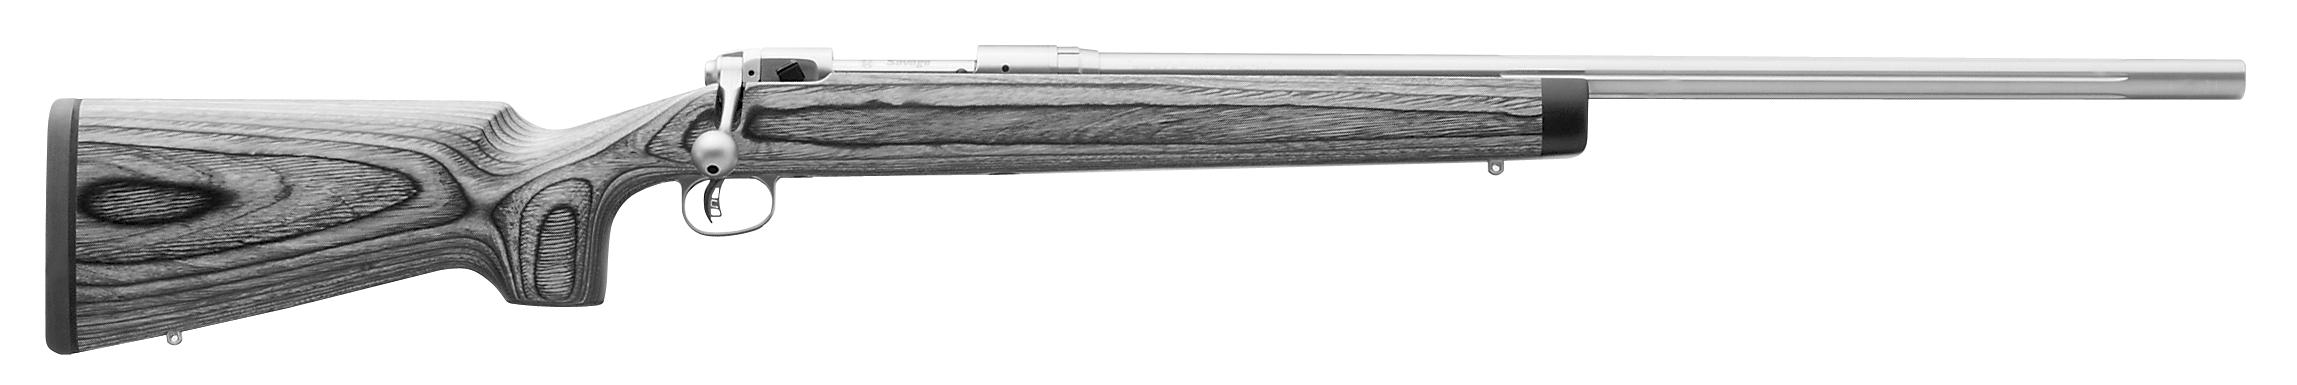 Model 12BVSS-SXP